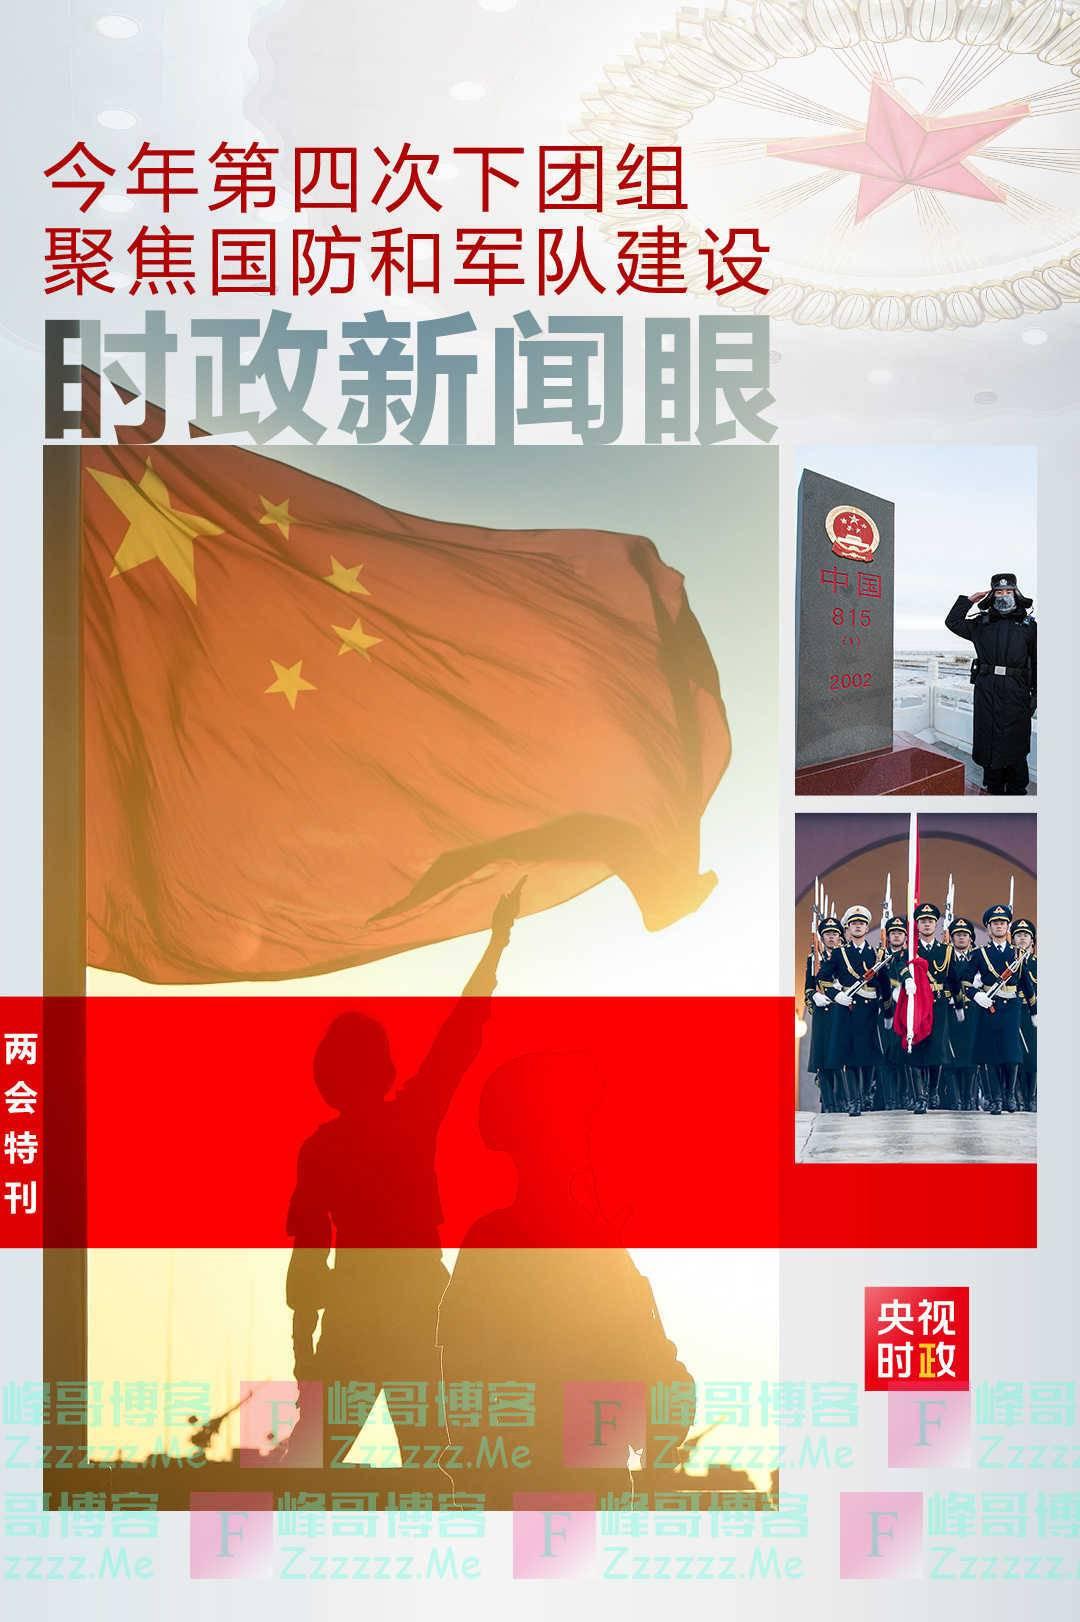 """习近平为国防和军队建设""""划重点"""""""